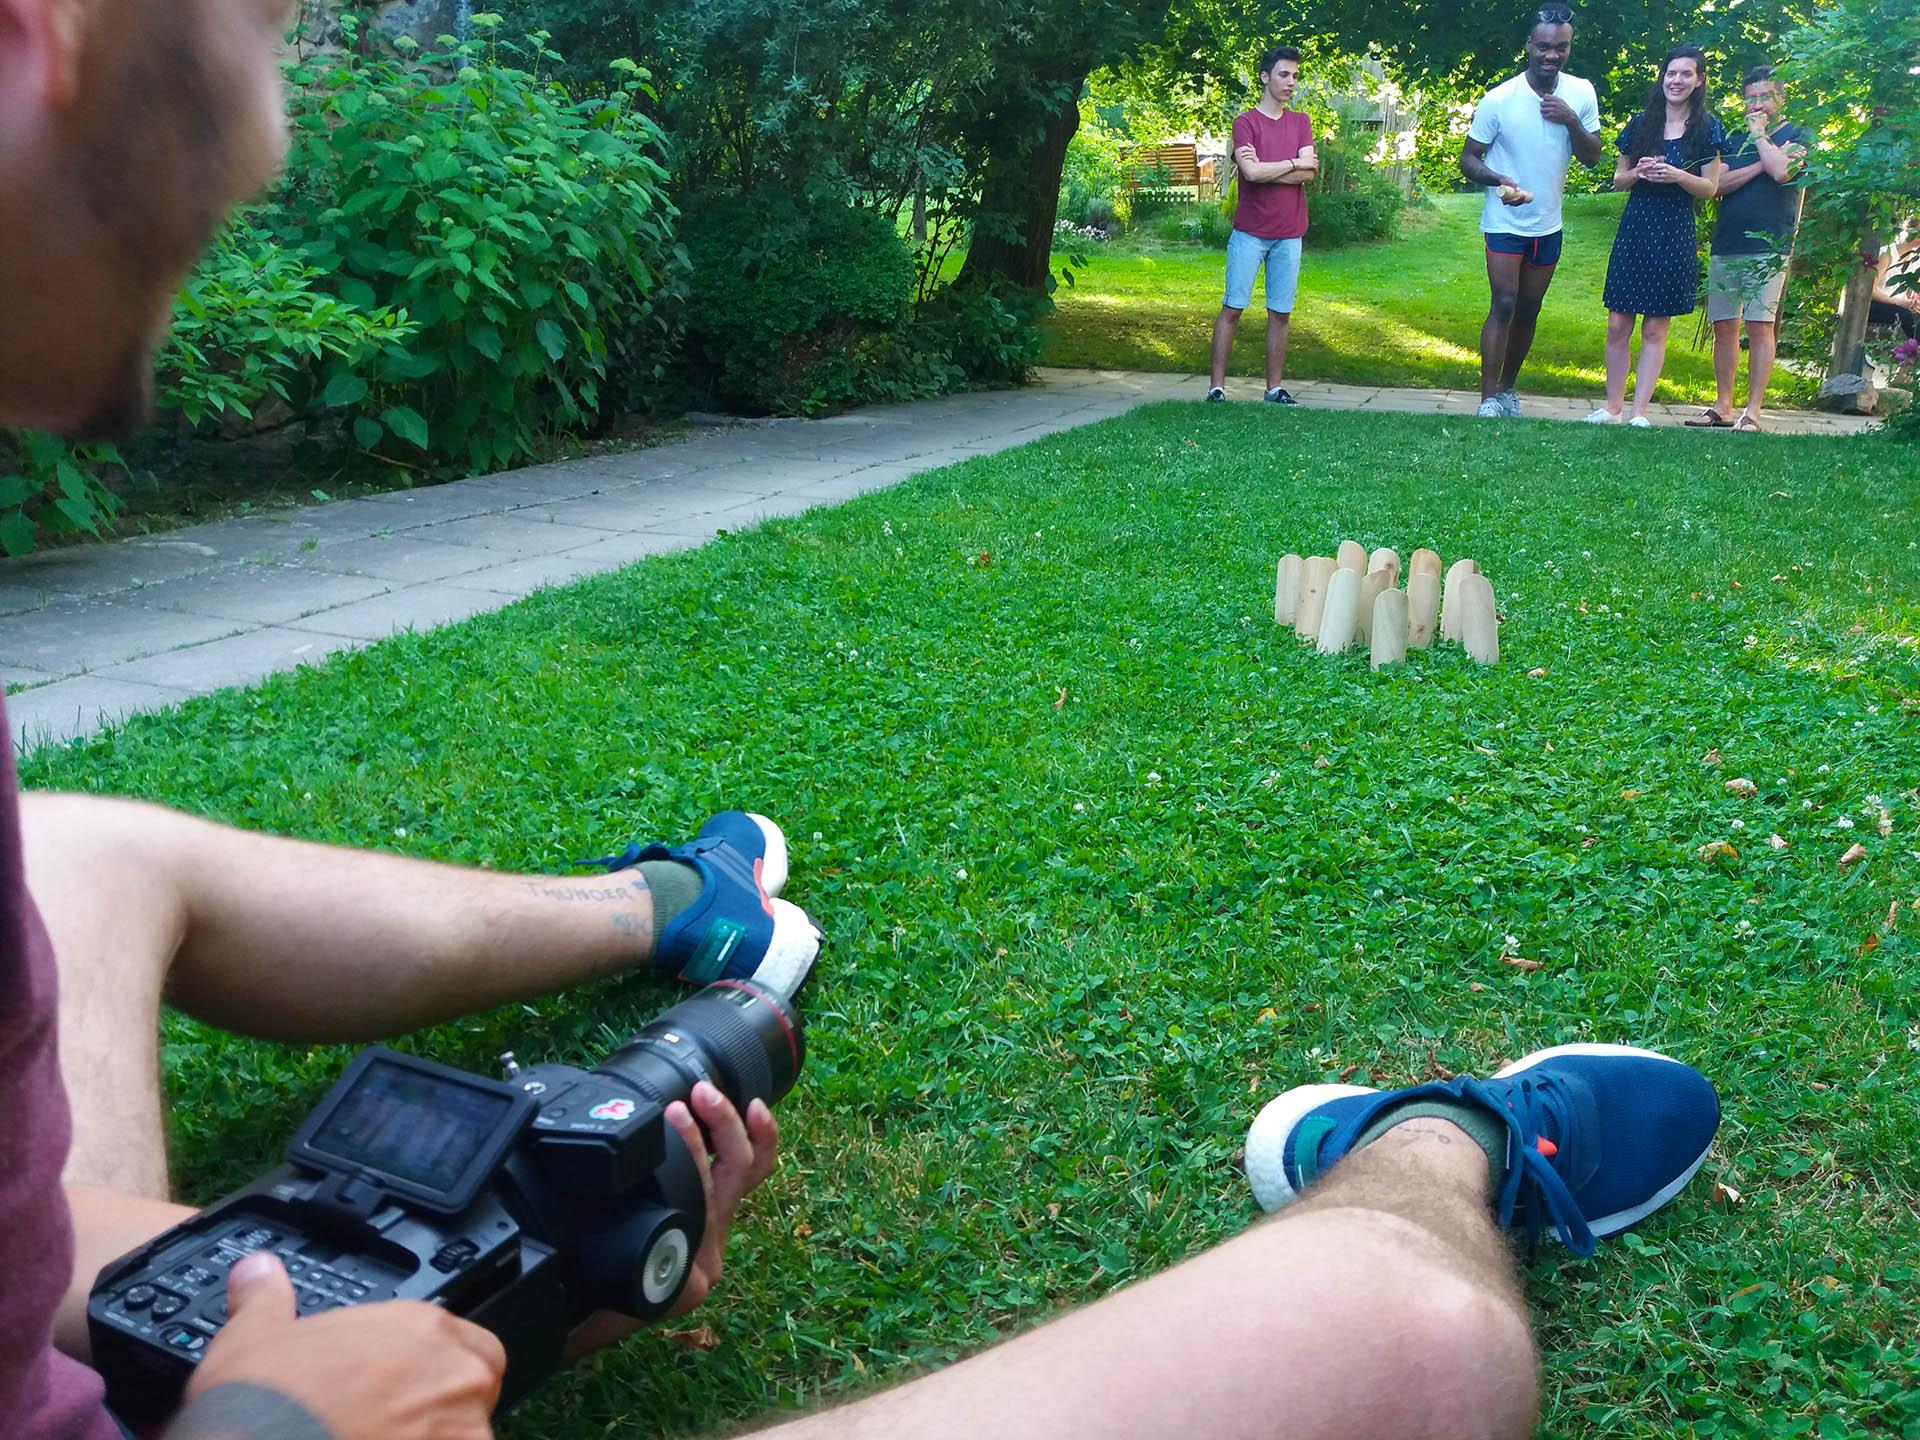 gîtes tournage molki